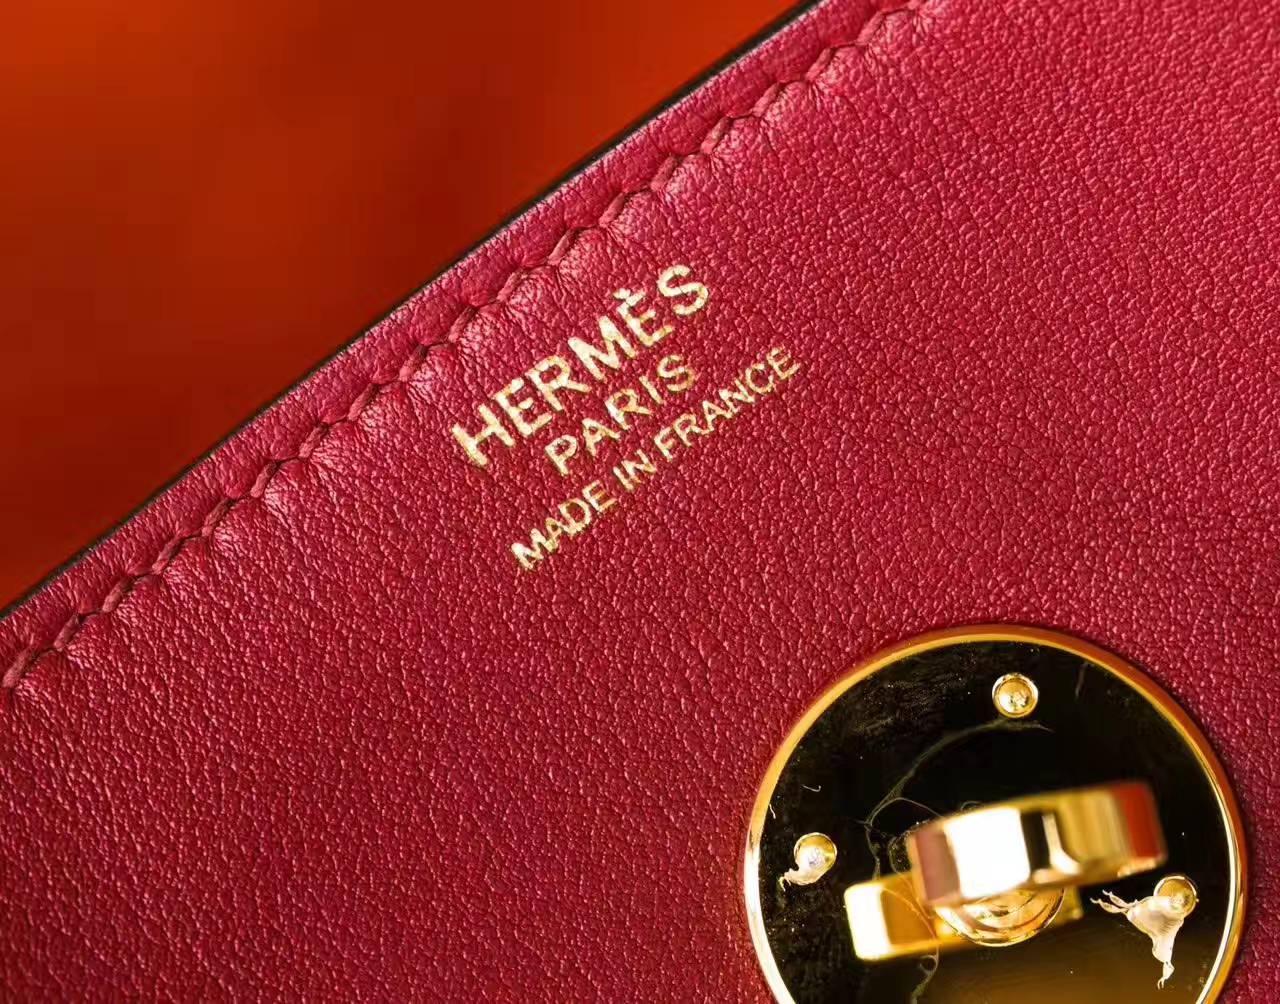 爱马仕Lindy包尺寸 Hermes石榴红拼橙色原厂swift牛皮琳迪包30cm